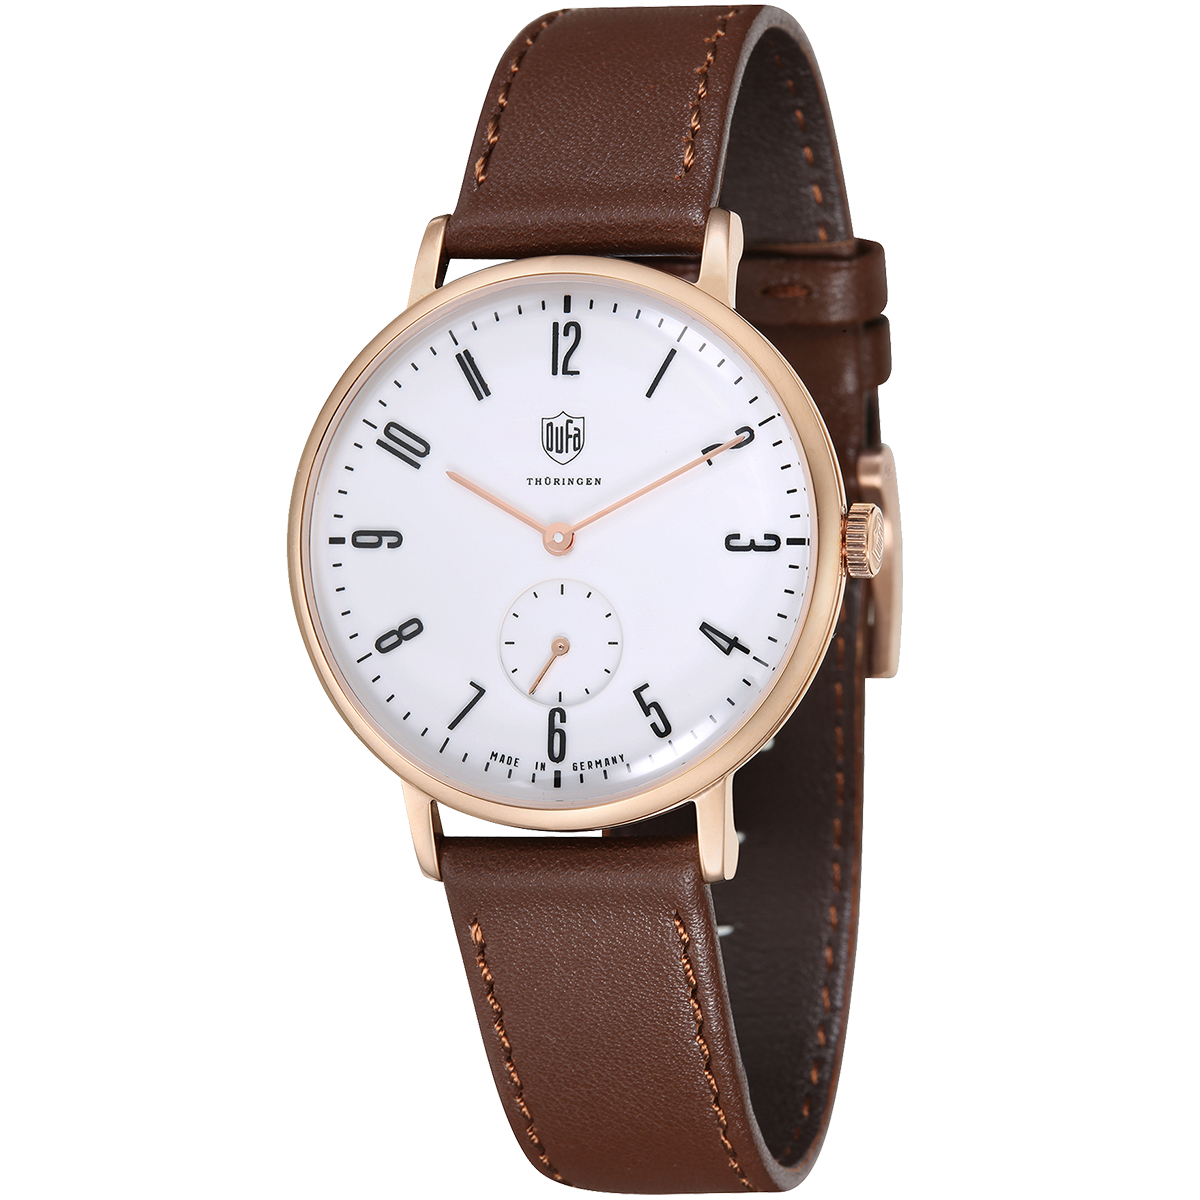 【全品送料無料】 DUFA ドゥッファ DF-9001-05 GROPIUS 時計 腕時計 メンズ レディース 男性 女性 おしゃれ プレゼント 贈り物 ギフト ドイツ バウハウス[あす楽]